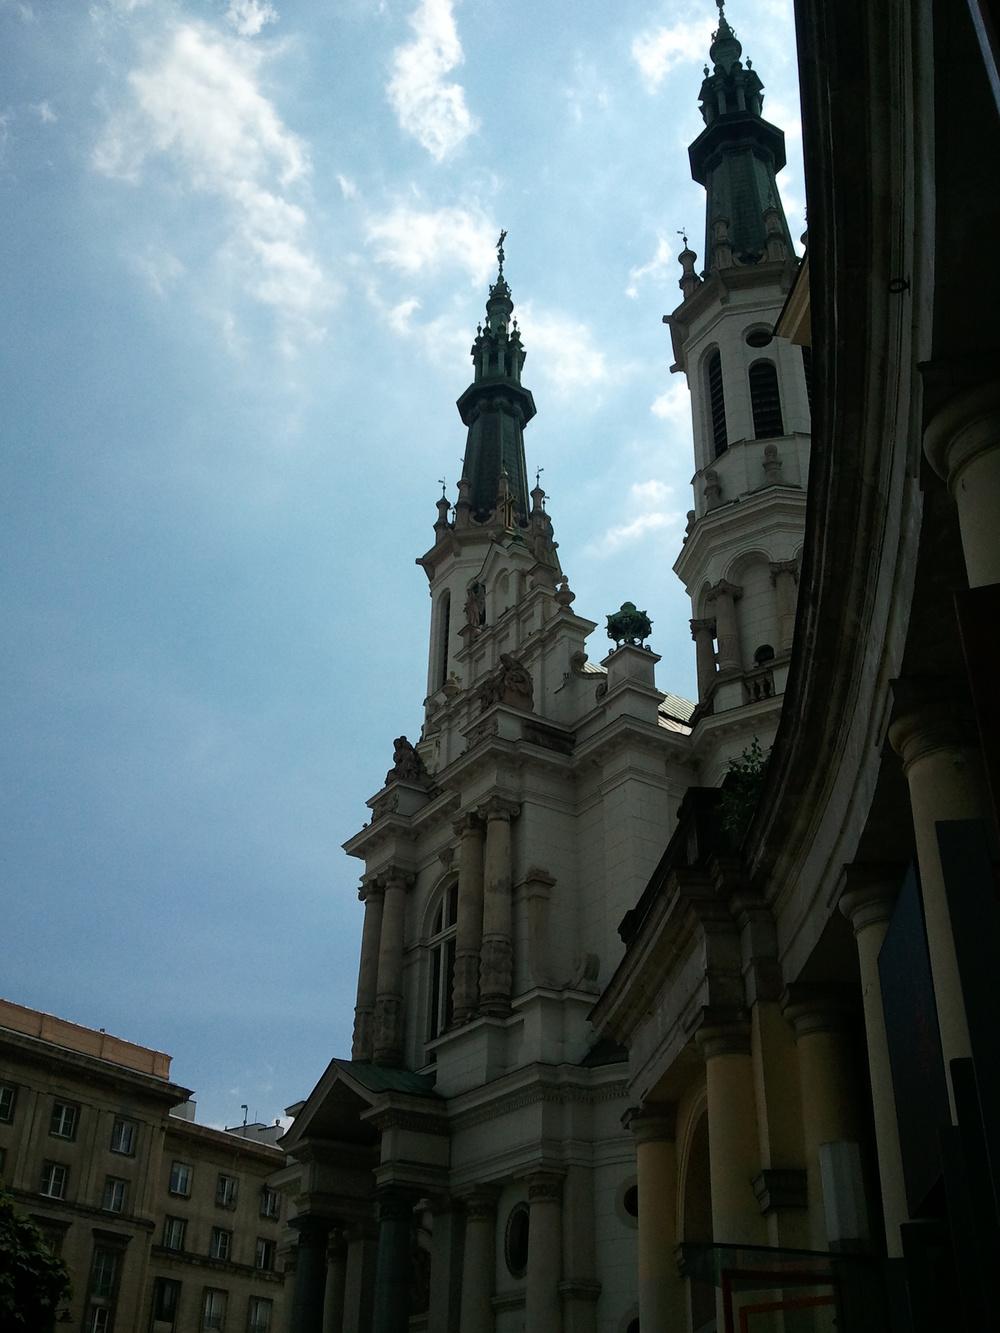 Plac Zbawiciela, Warsaw